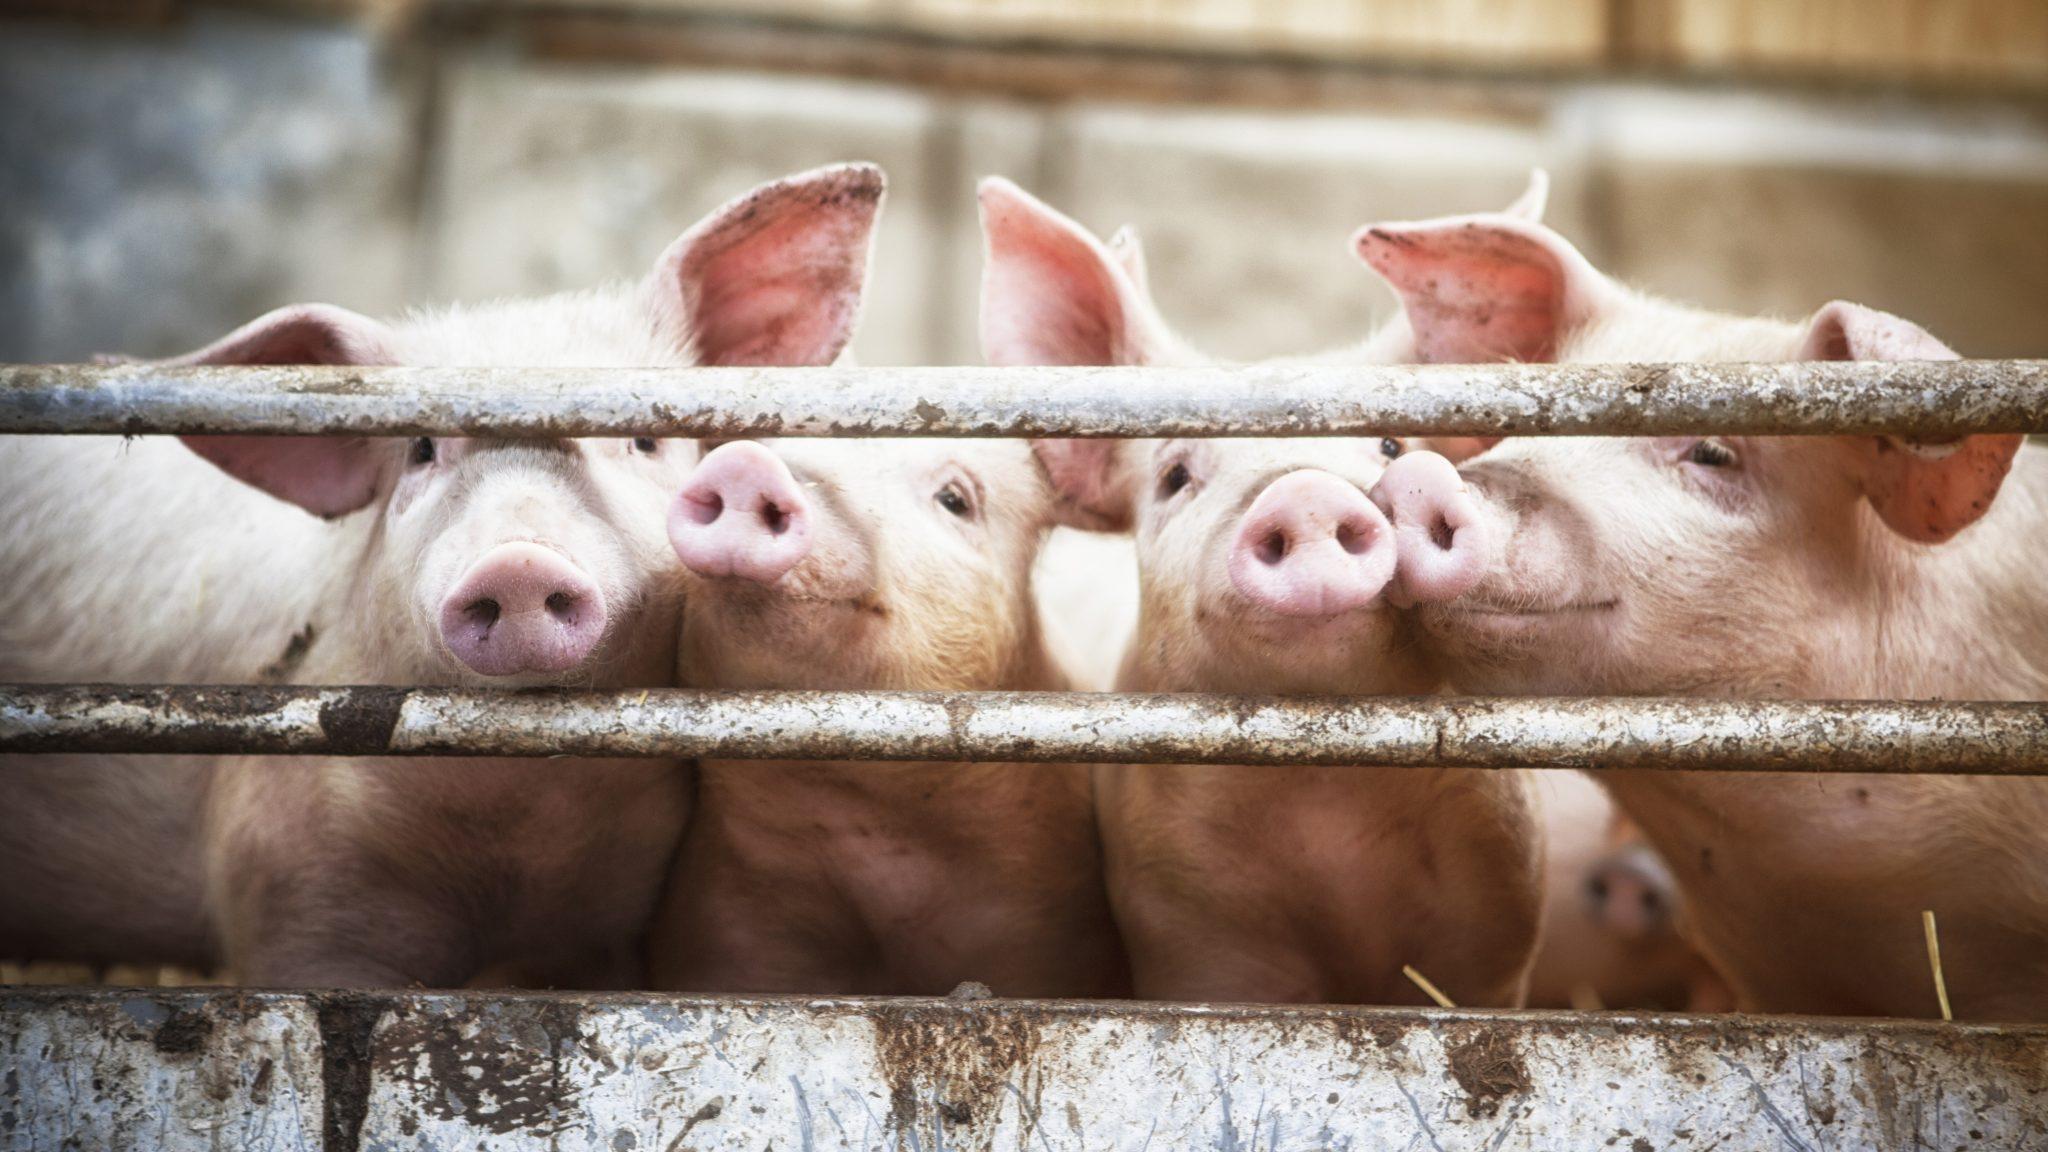 Курское свиноводческое предприятие погрязло в нарушениях